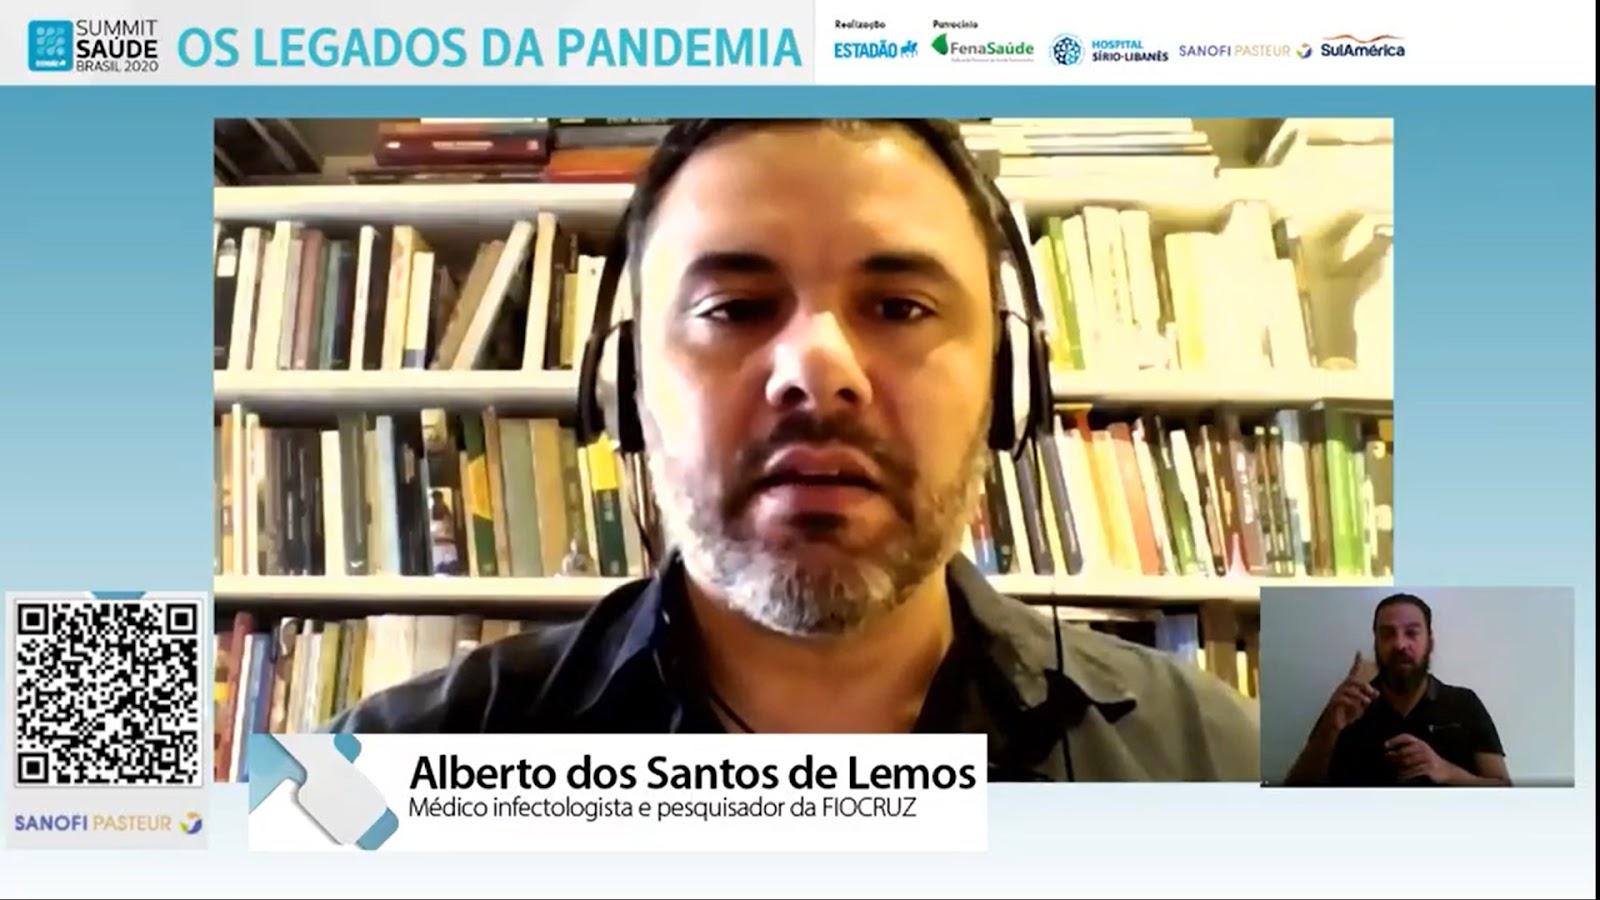 """""""A gente viu o ressurgimento do sarampo, que tínhamos controlado e retornou por nossa culpa, por não ter uma cobertura vacinal adequada"""", lembra Alberto dos Santos Lemos. (Fonte: Summit Saúde Brasil 2020/Reprodução)"""